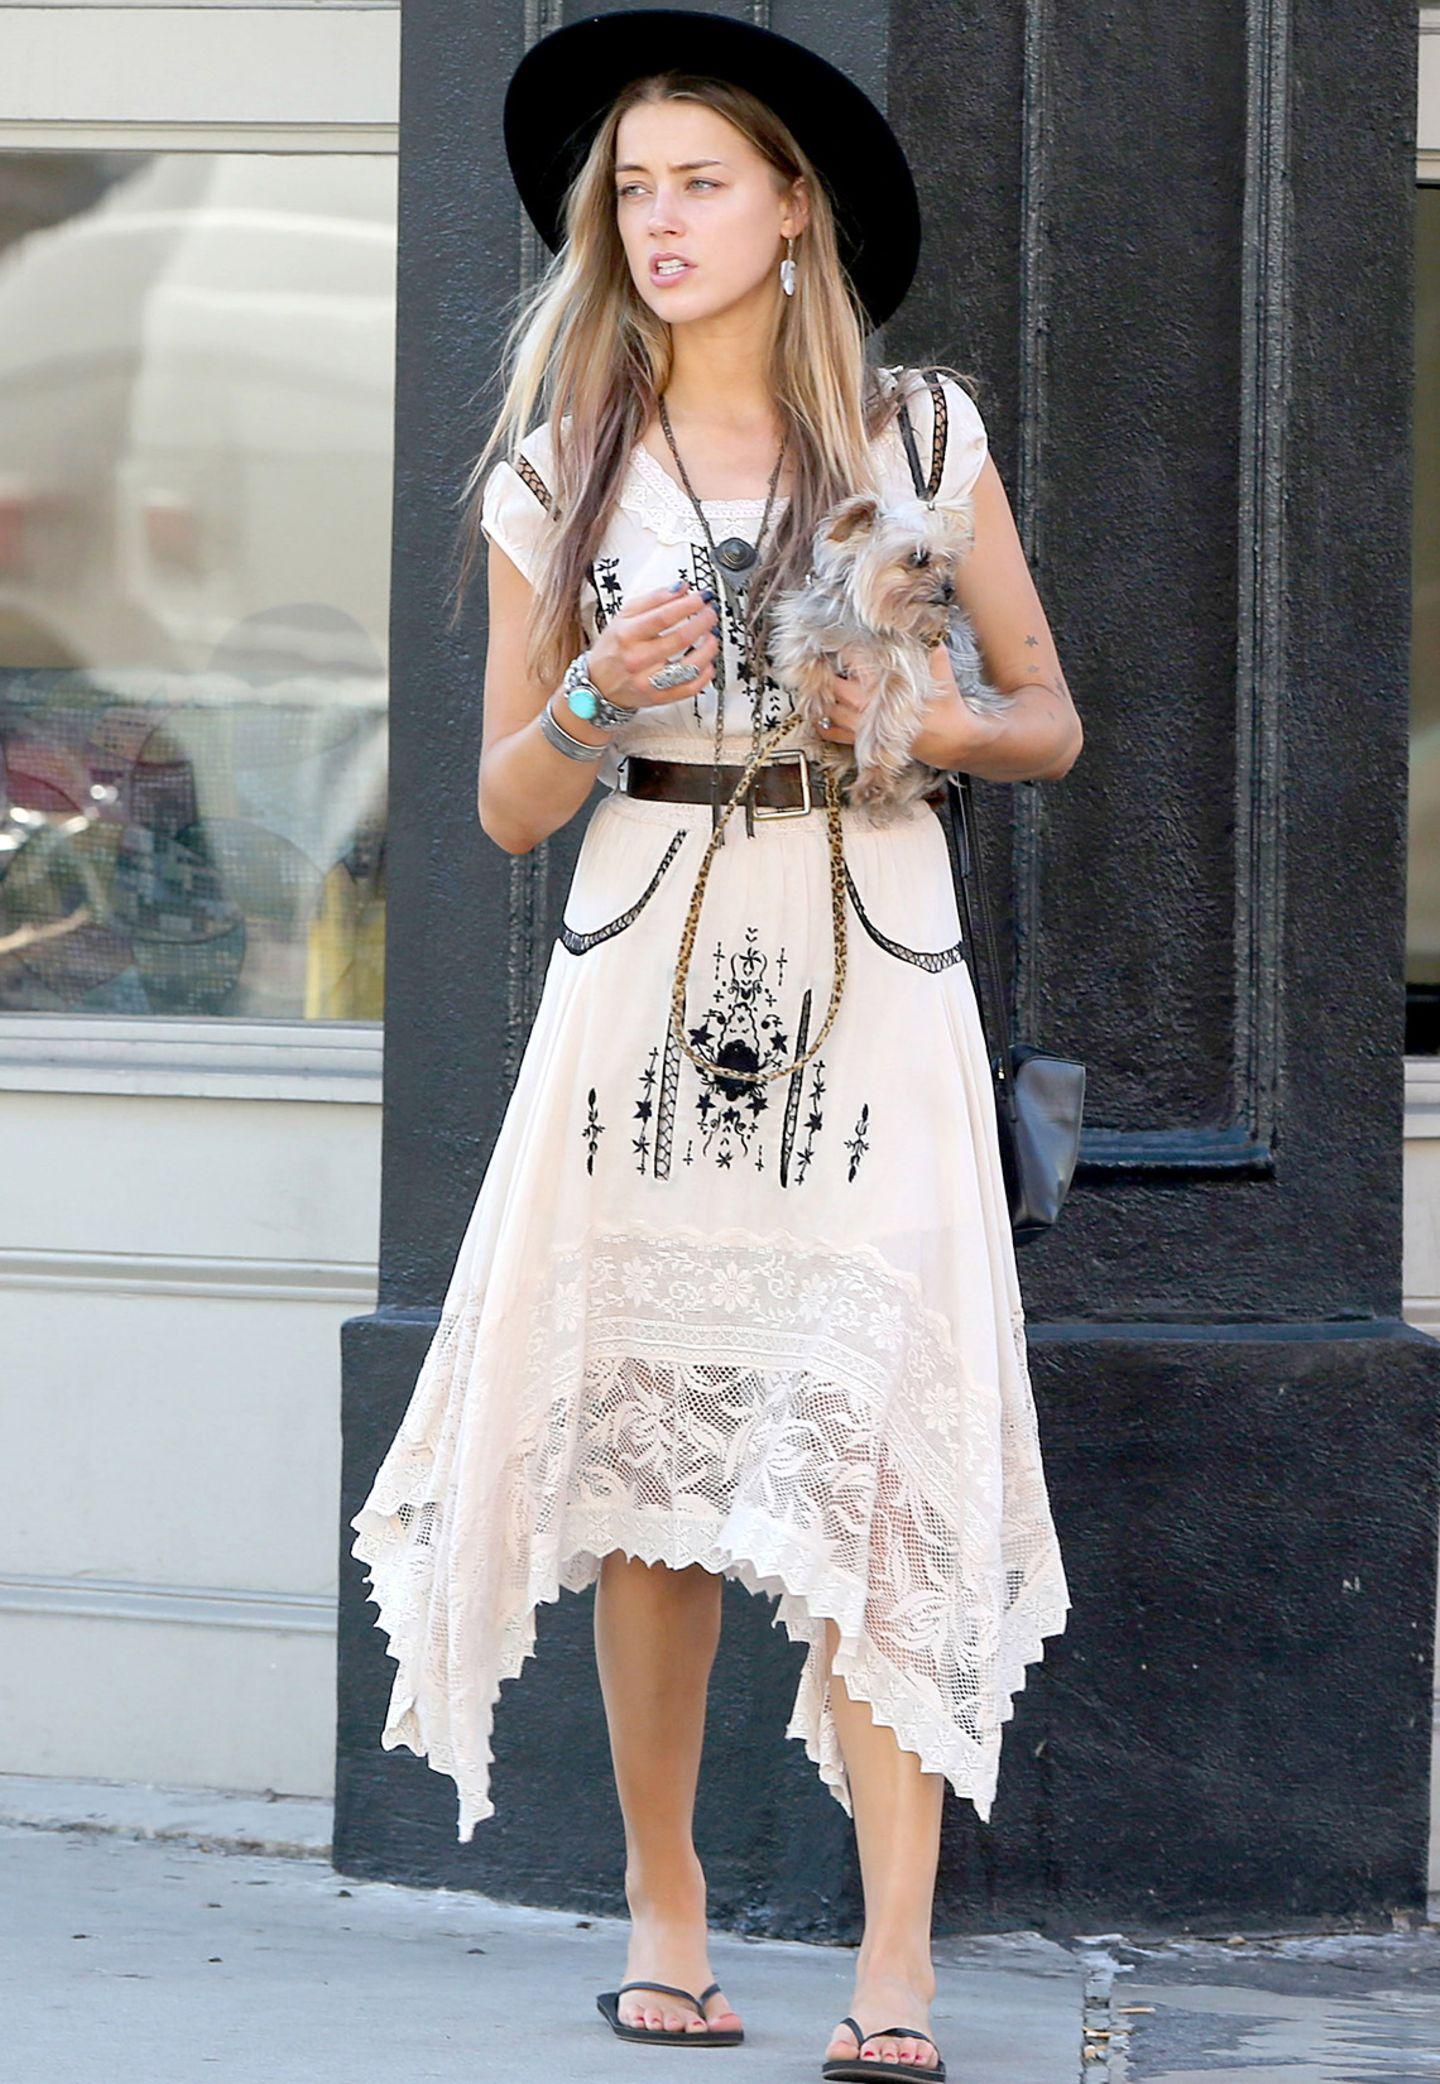 Privat lässt es Amber Heard eher locker angehen und wählt zum Spaziergang mit ihrem Hund ein lässiges Boho-Kleid. Mit Flip-Flops, hängendem Schmuck und einem großen Hut komplementiert die Verlobte von Johnny Depp den Look.